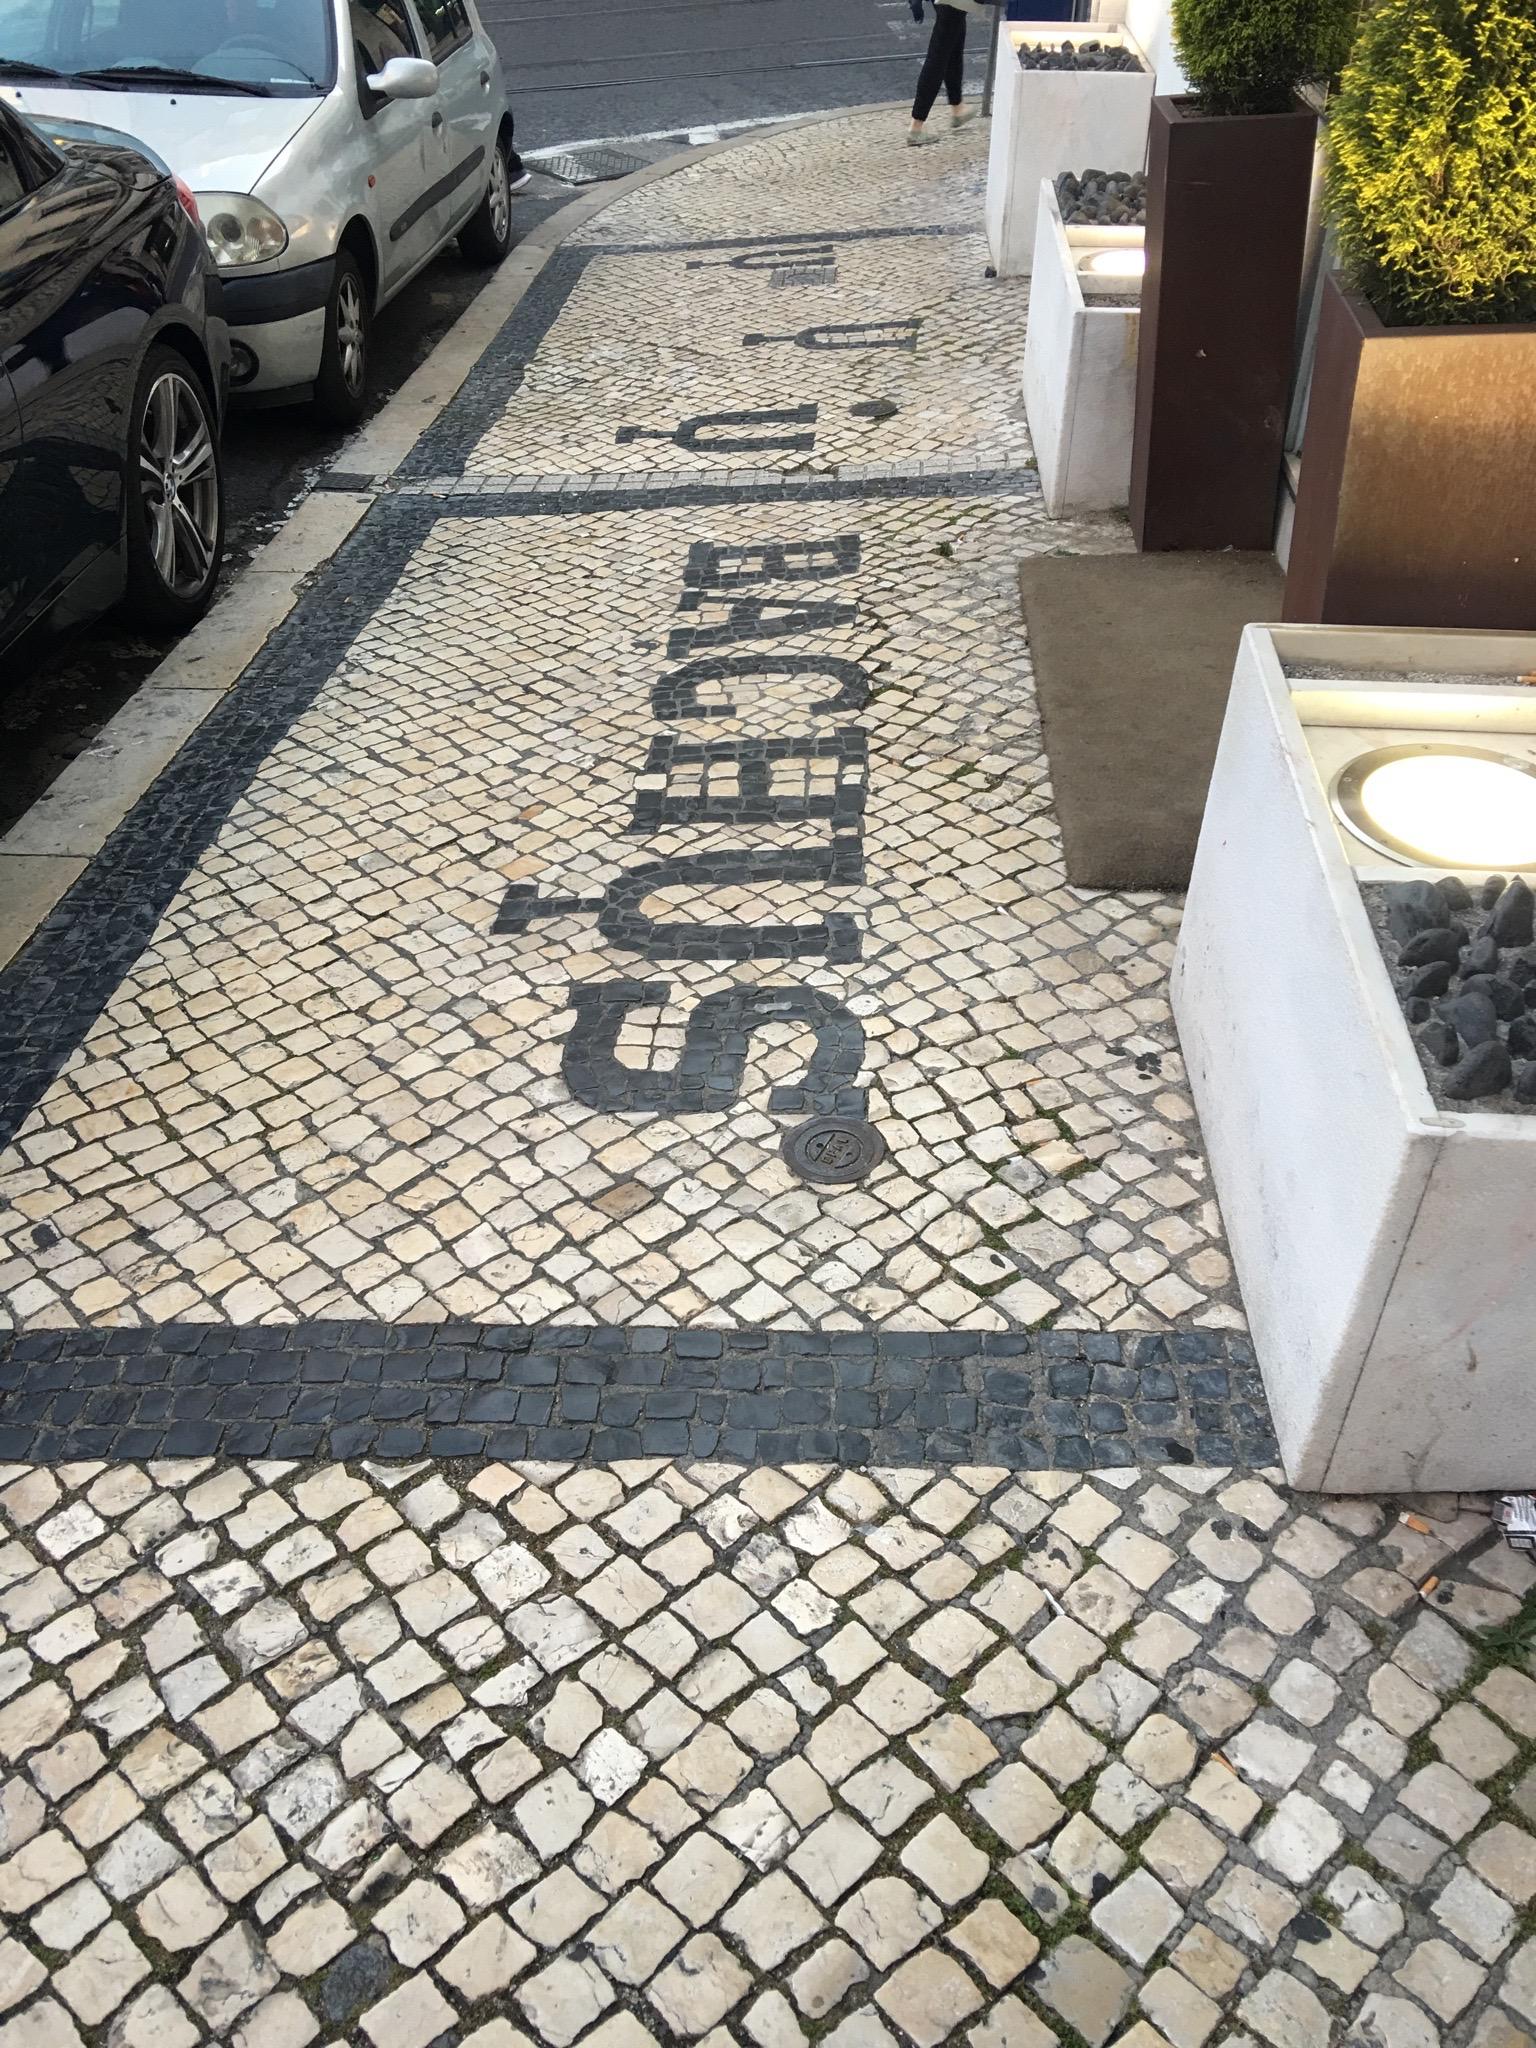 Tiles outside a shop